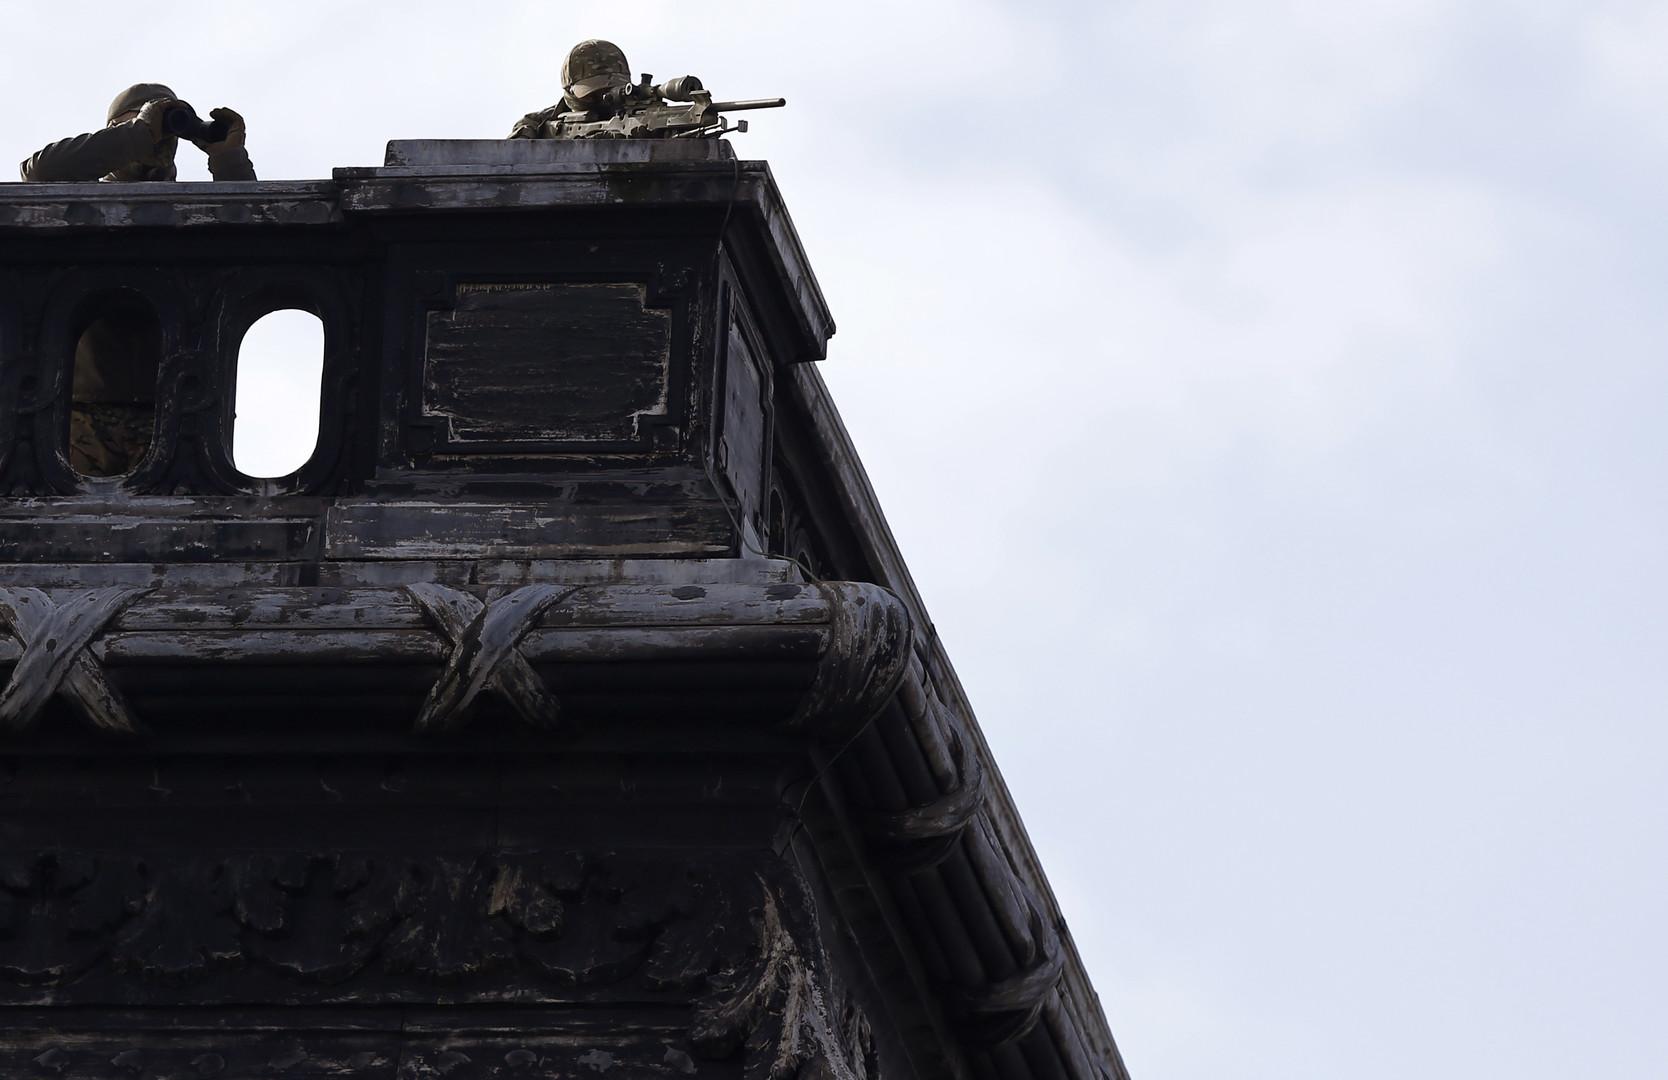 Scharfschützen schützen: In diesem Fall den Mecklenburger Protestanten Joachim Gauck beim Besuch im aktut terrorgefährdeten Nachbarland Belgien.